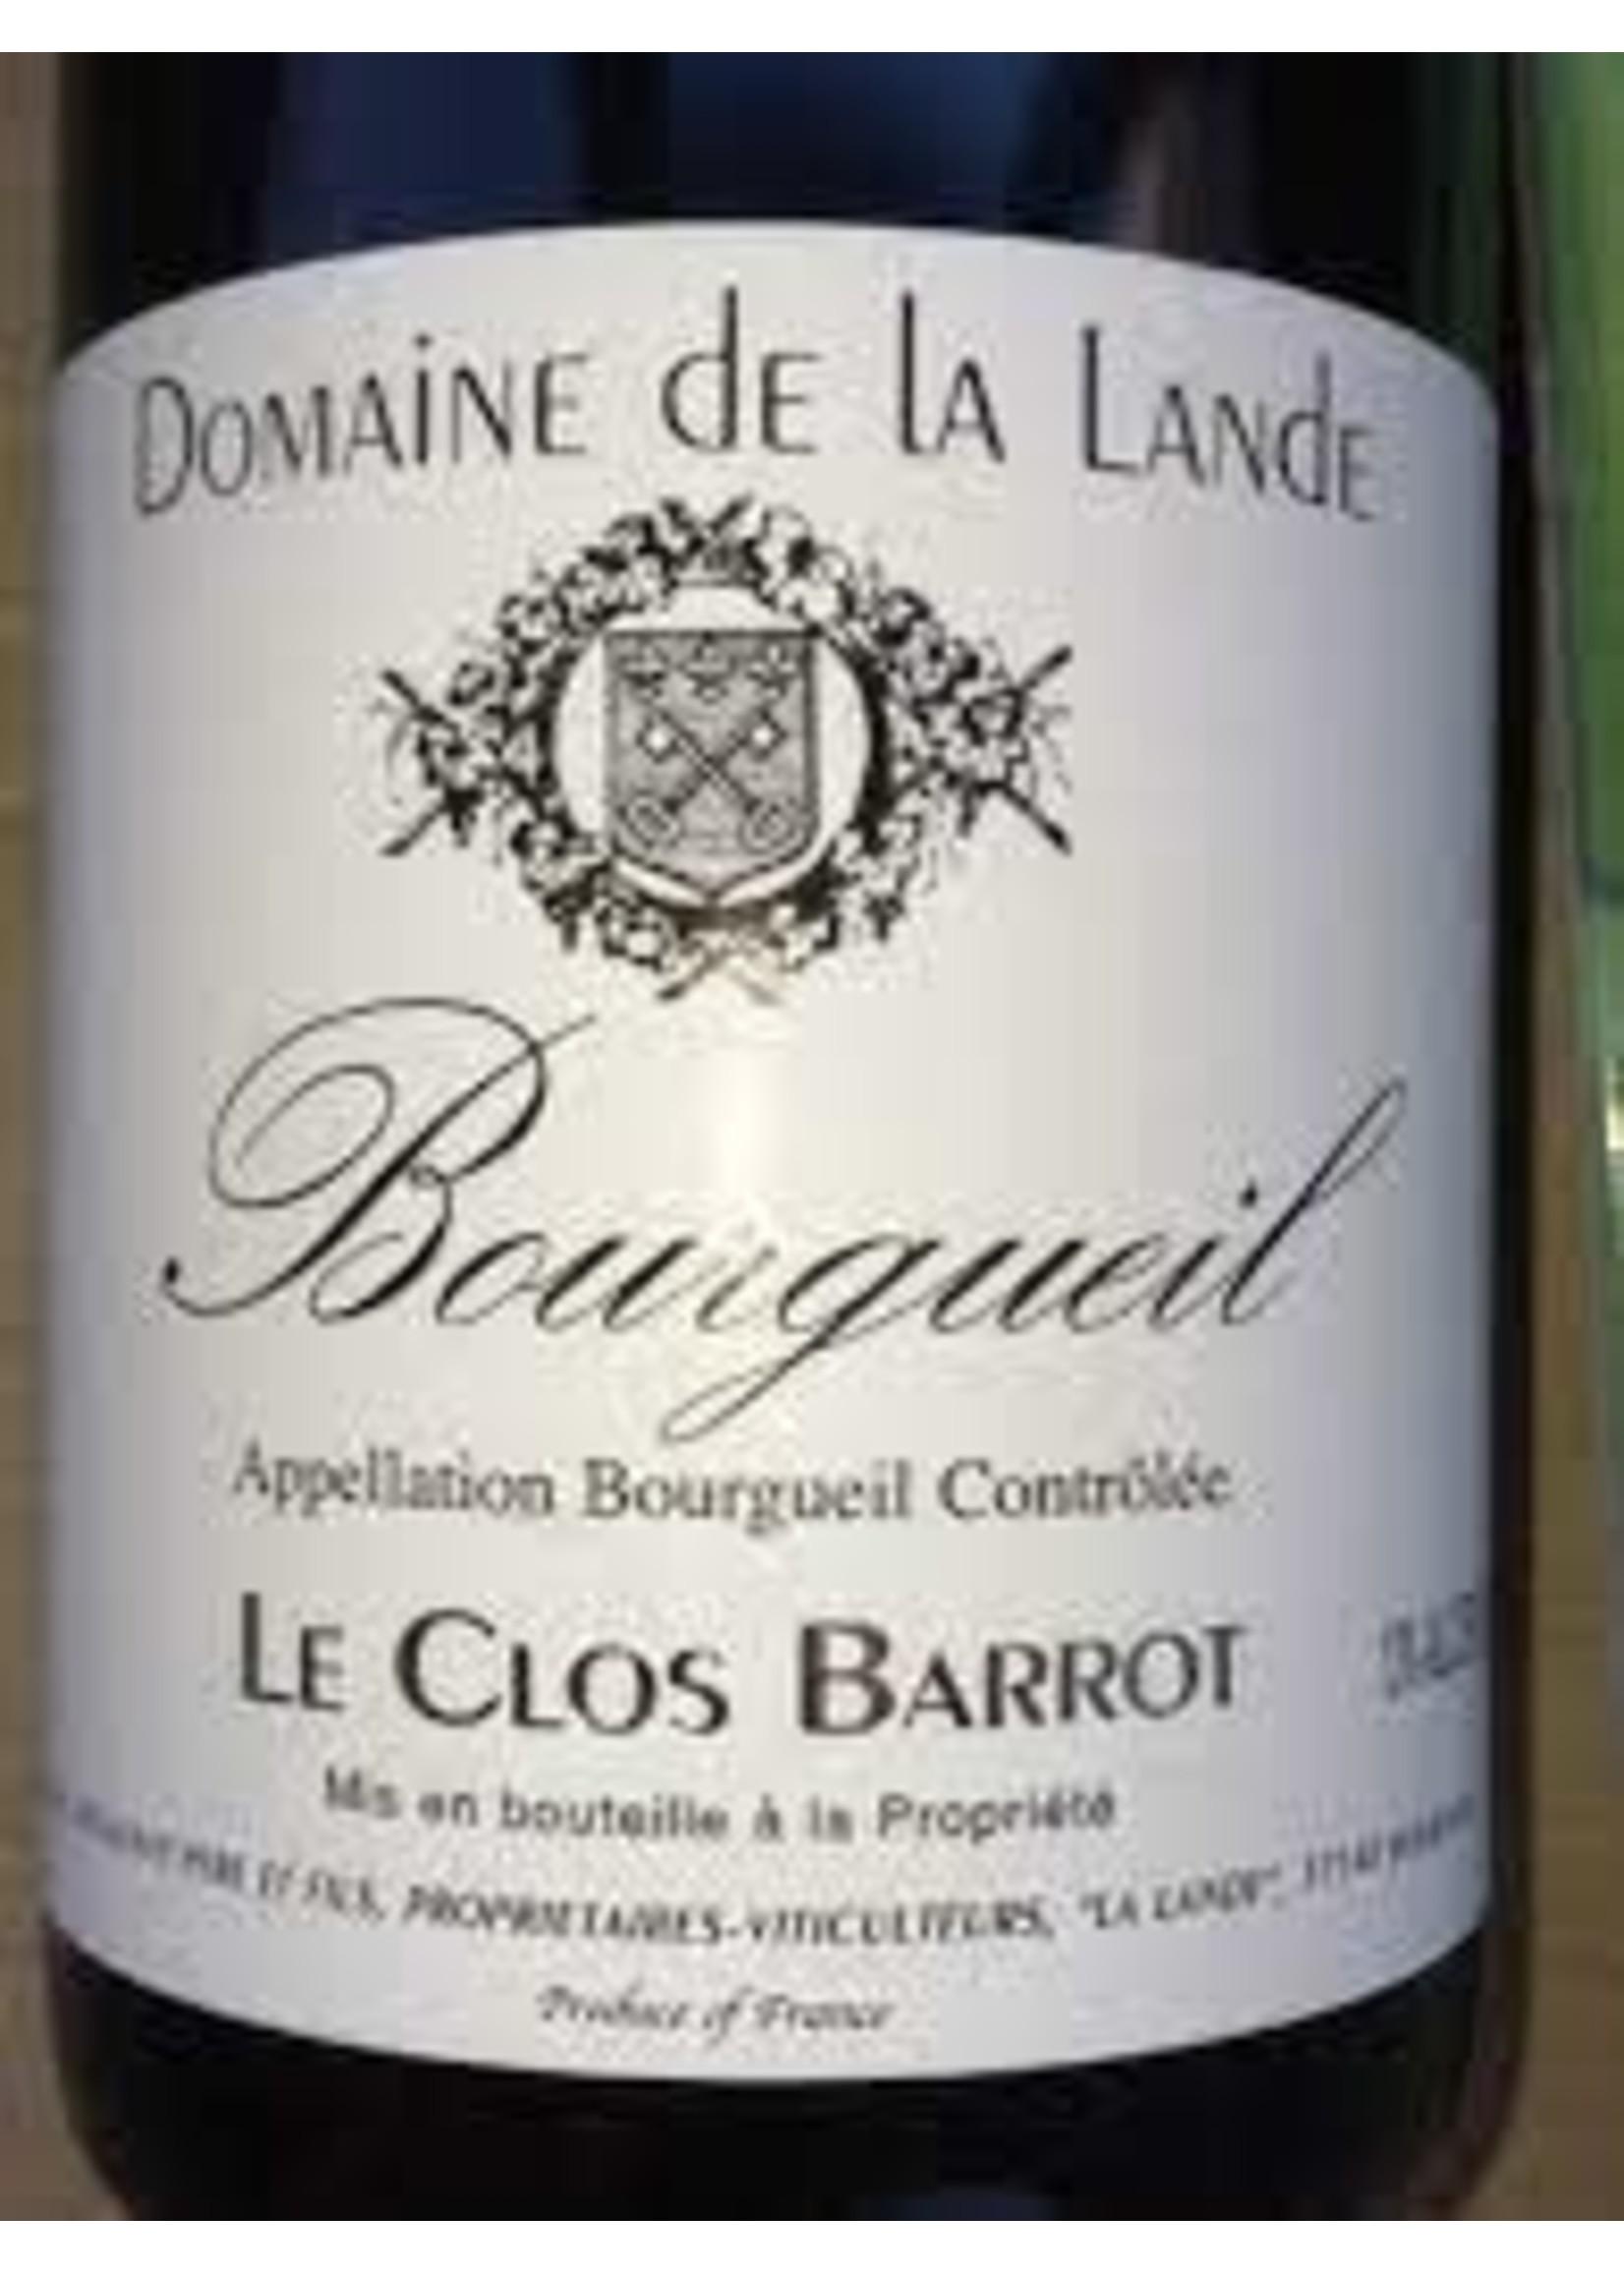 Domaine de la Lande 2014 'Clos Barrot' Bourgueil Rouge 750ml